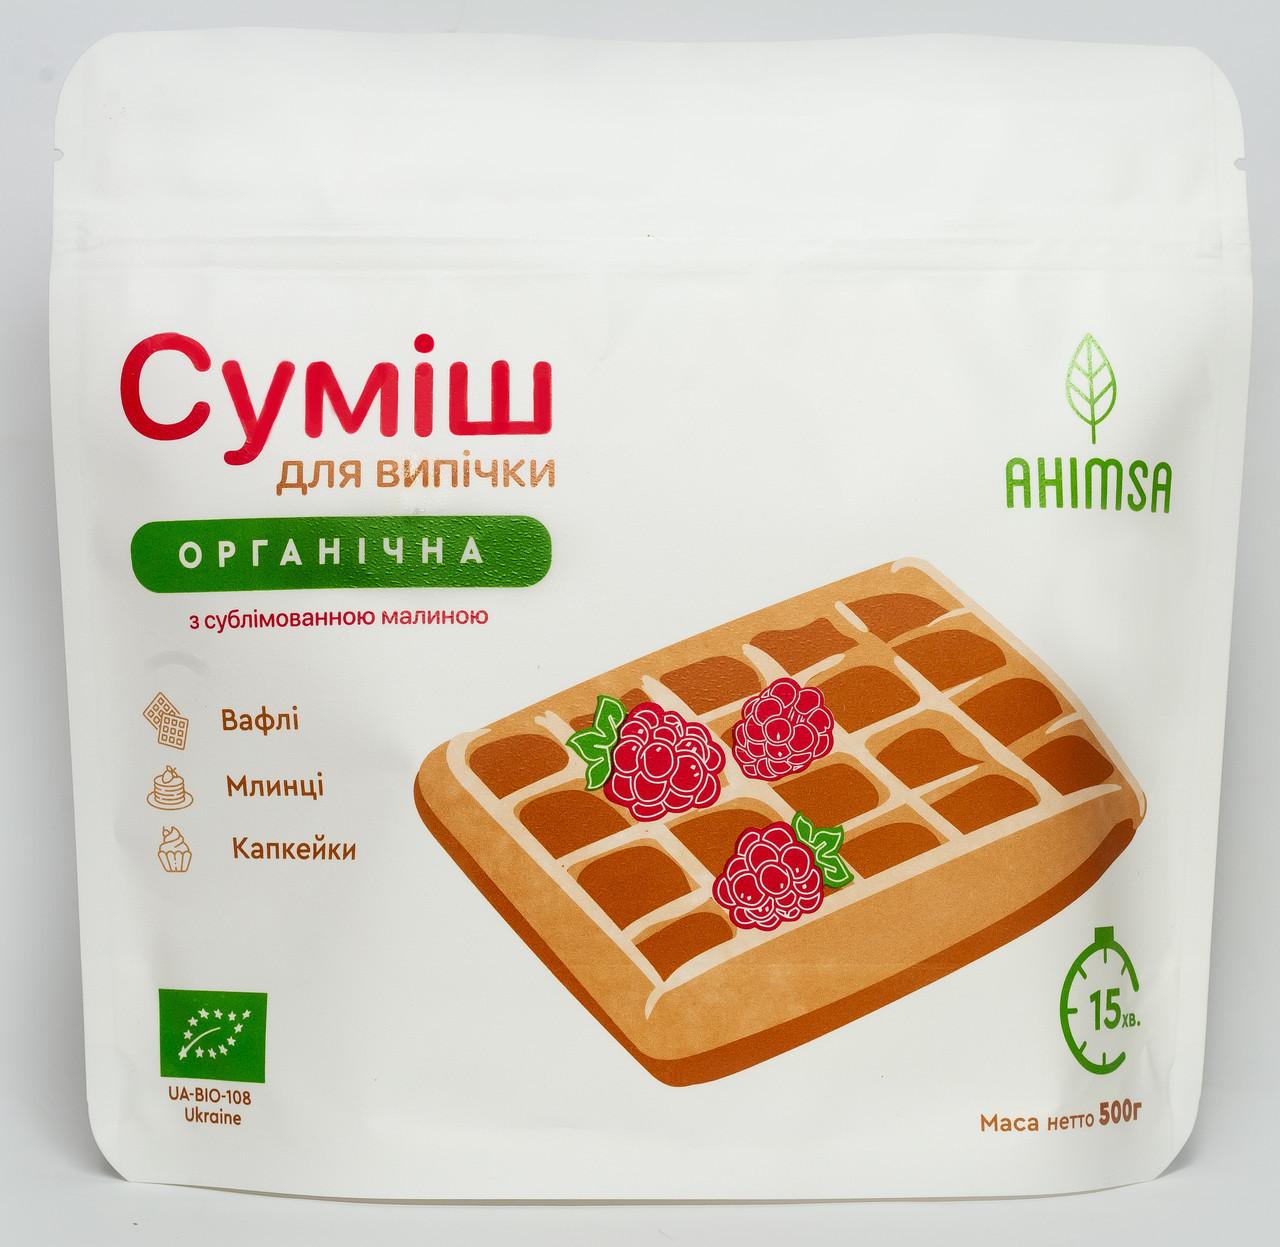 Суміш для випікання з малиною 0,5 кг TM Ahimsa